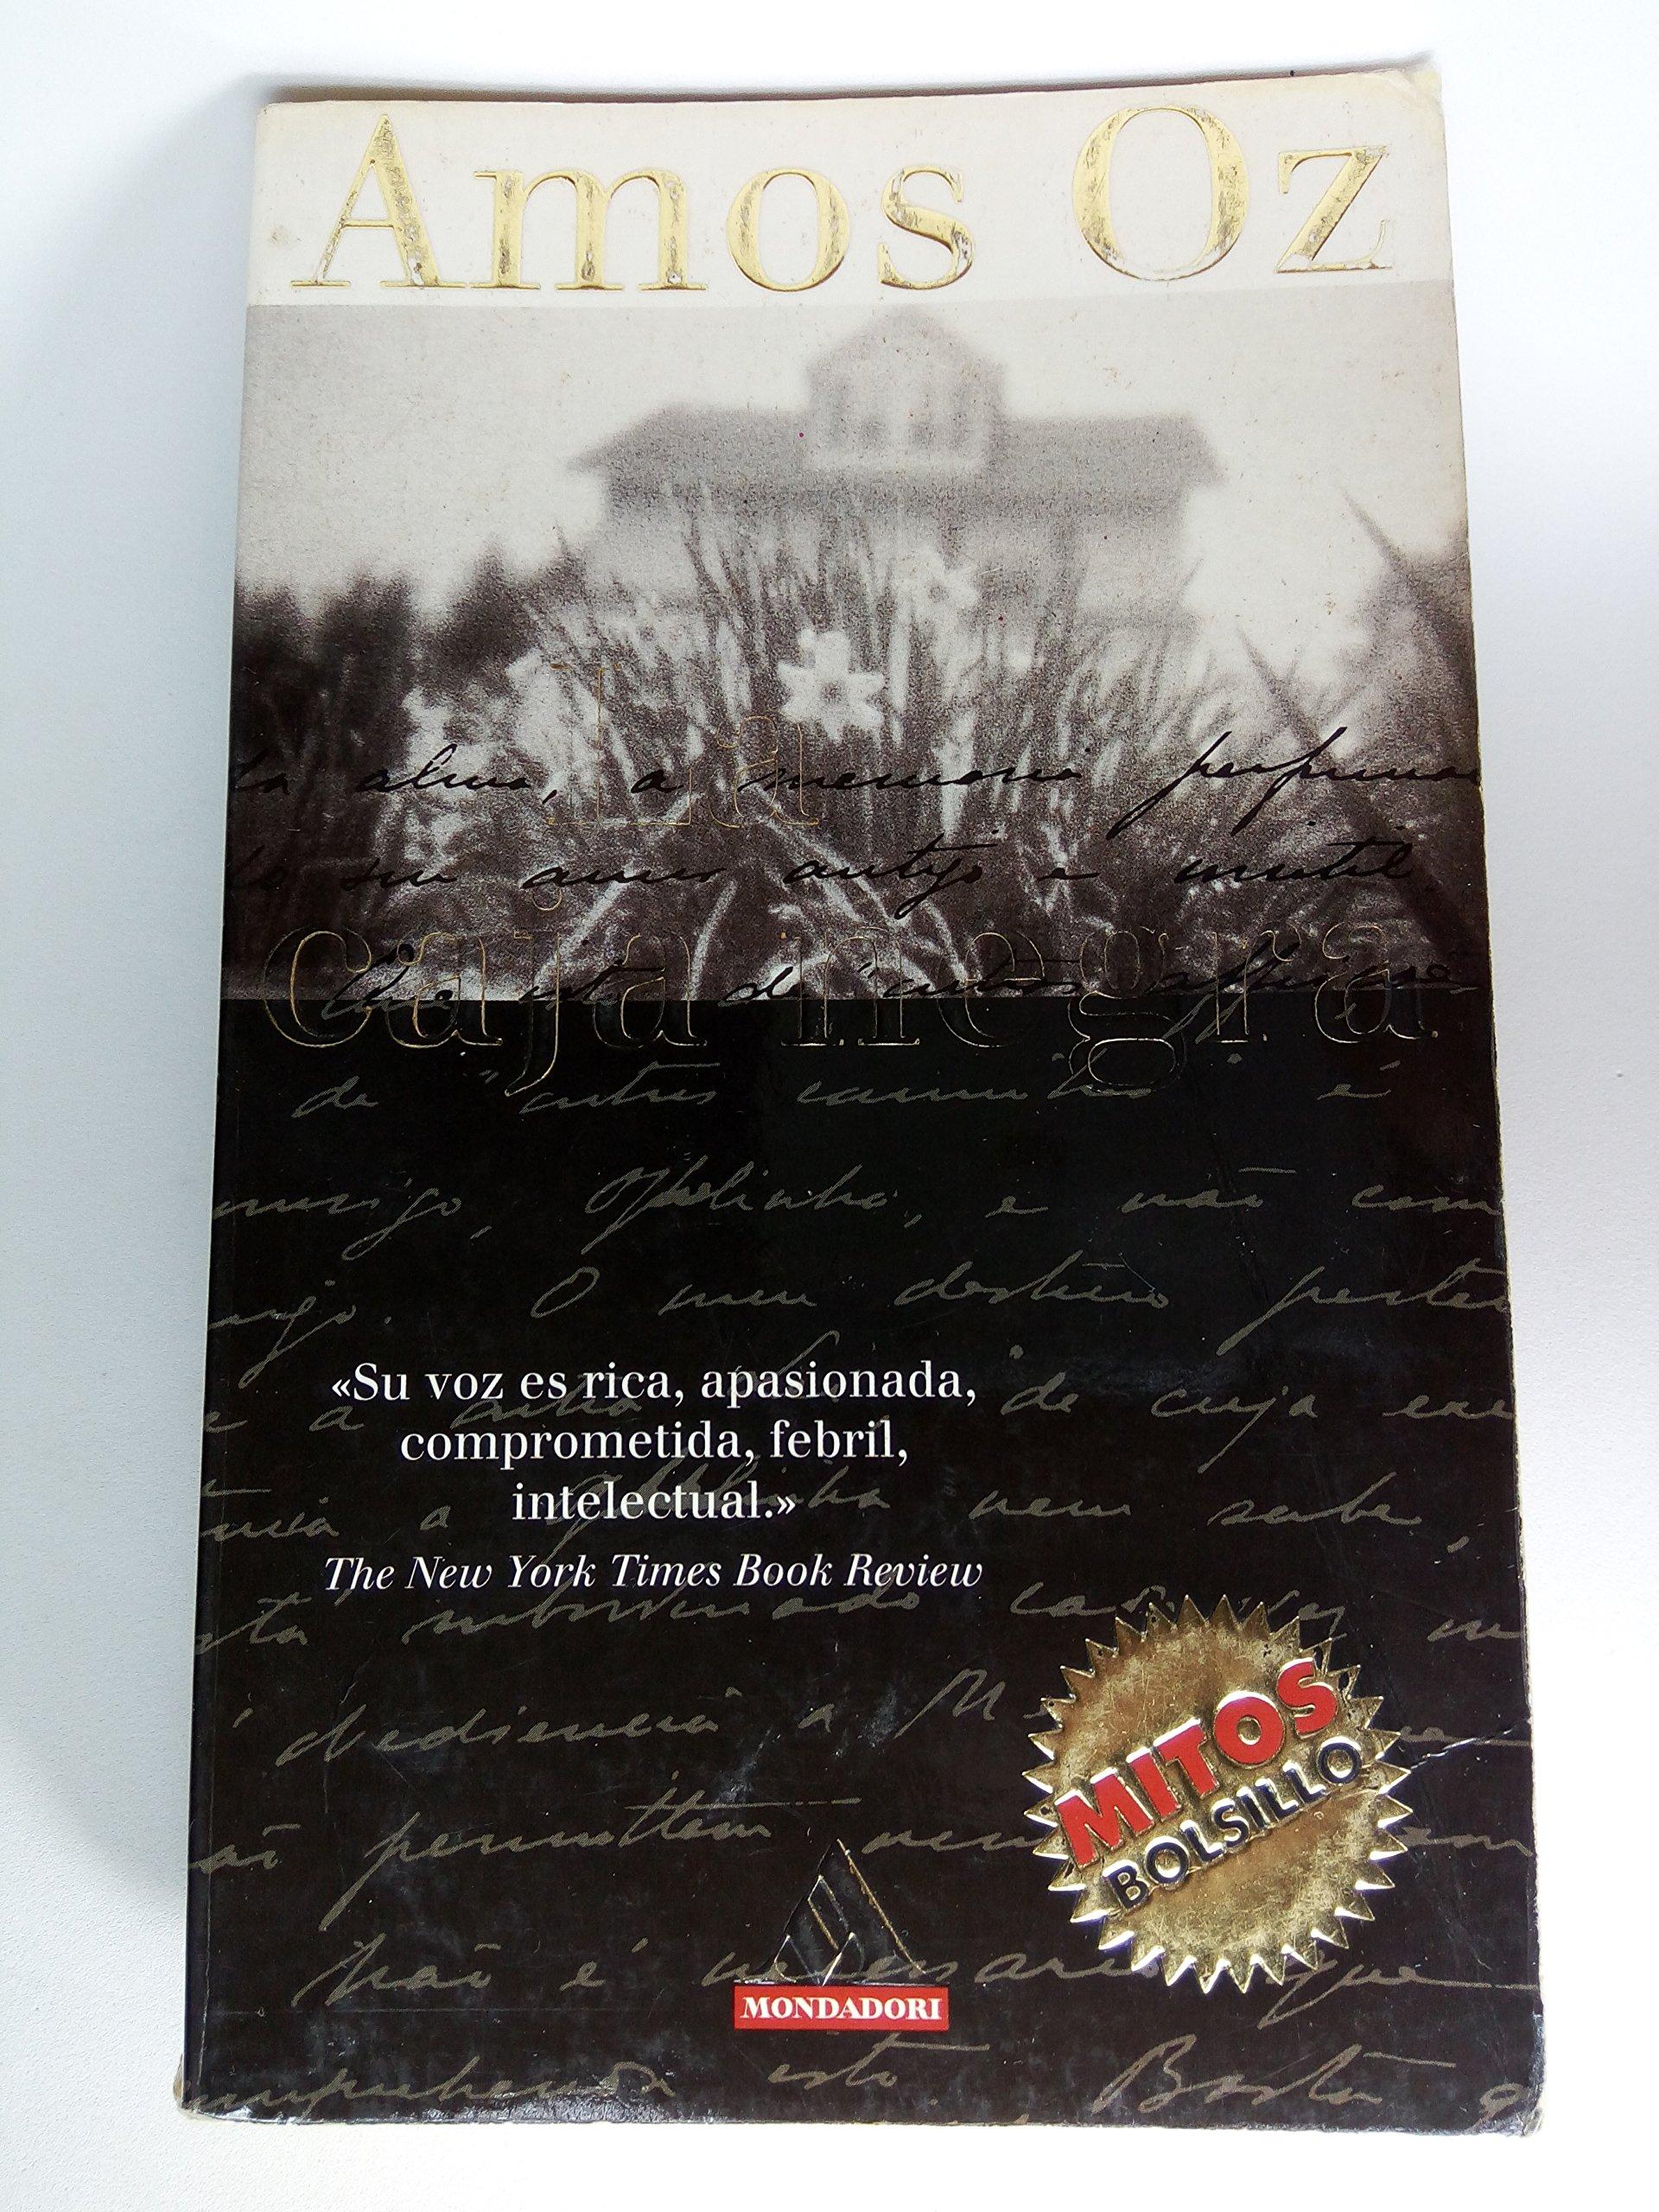 La Caja Negra: Amazon.es: Amos Oz: Libros